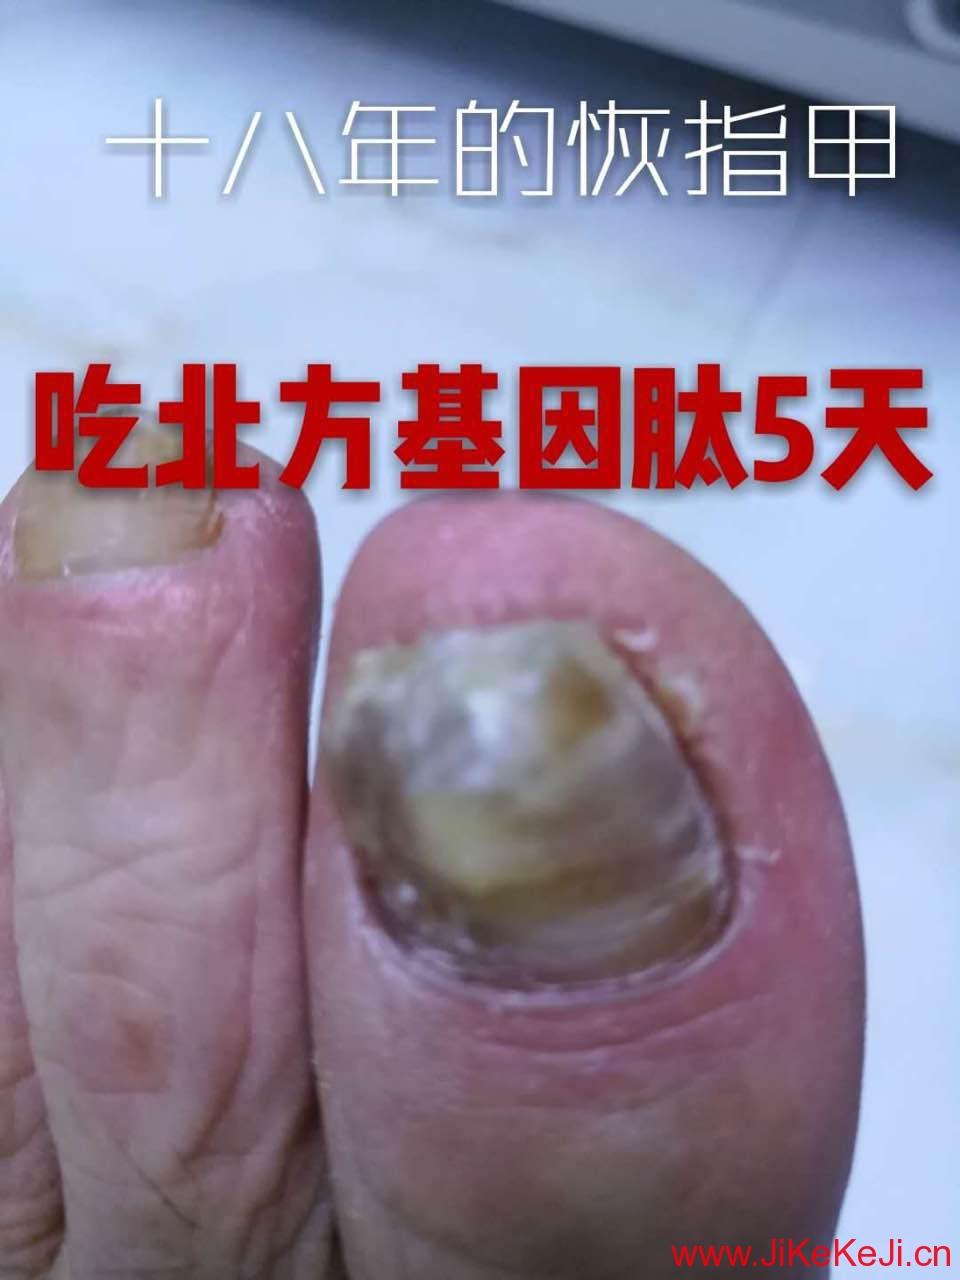 十八年灰指甲基因肽案例